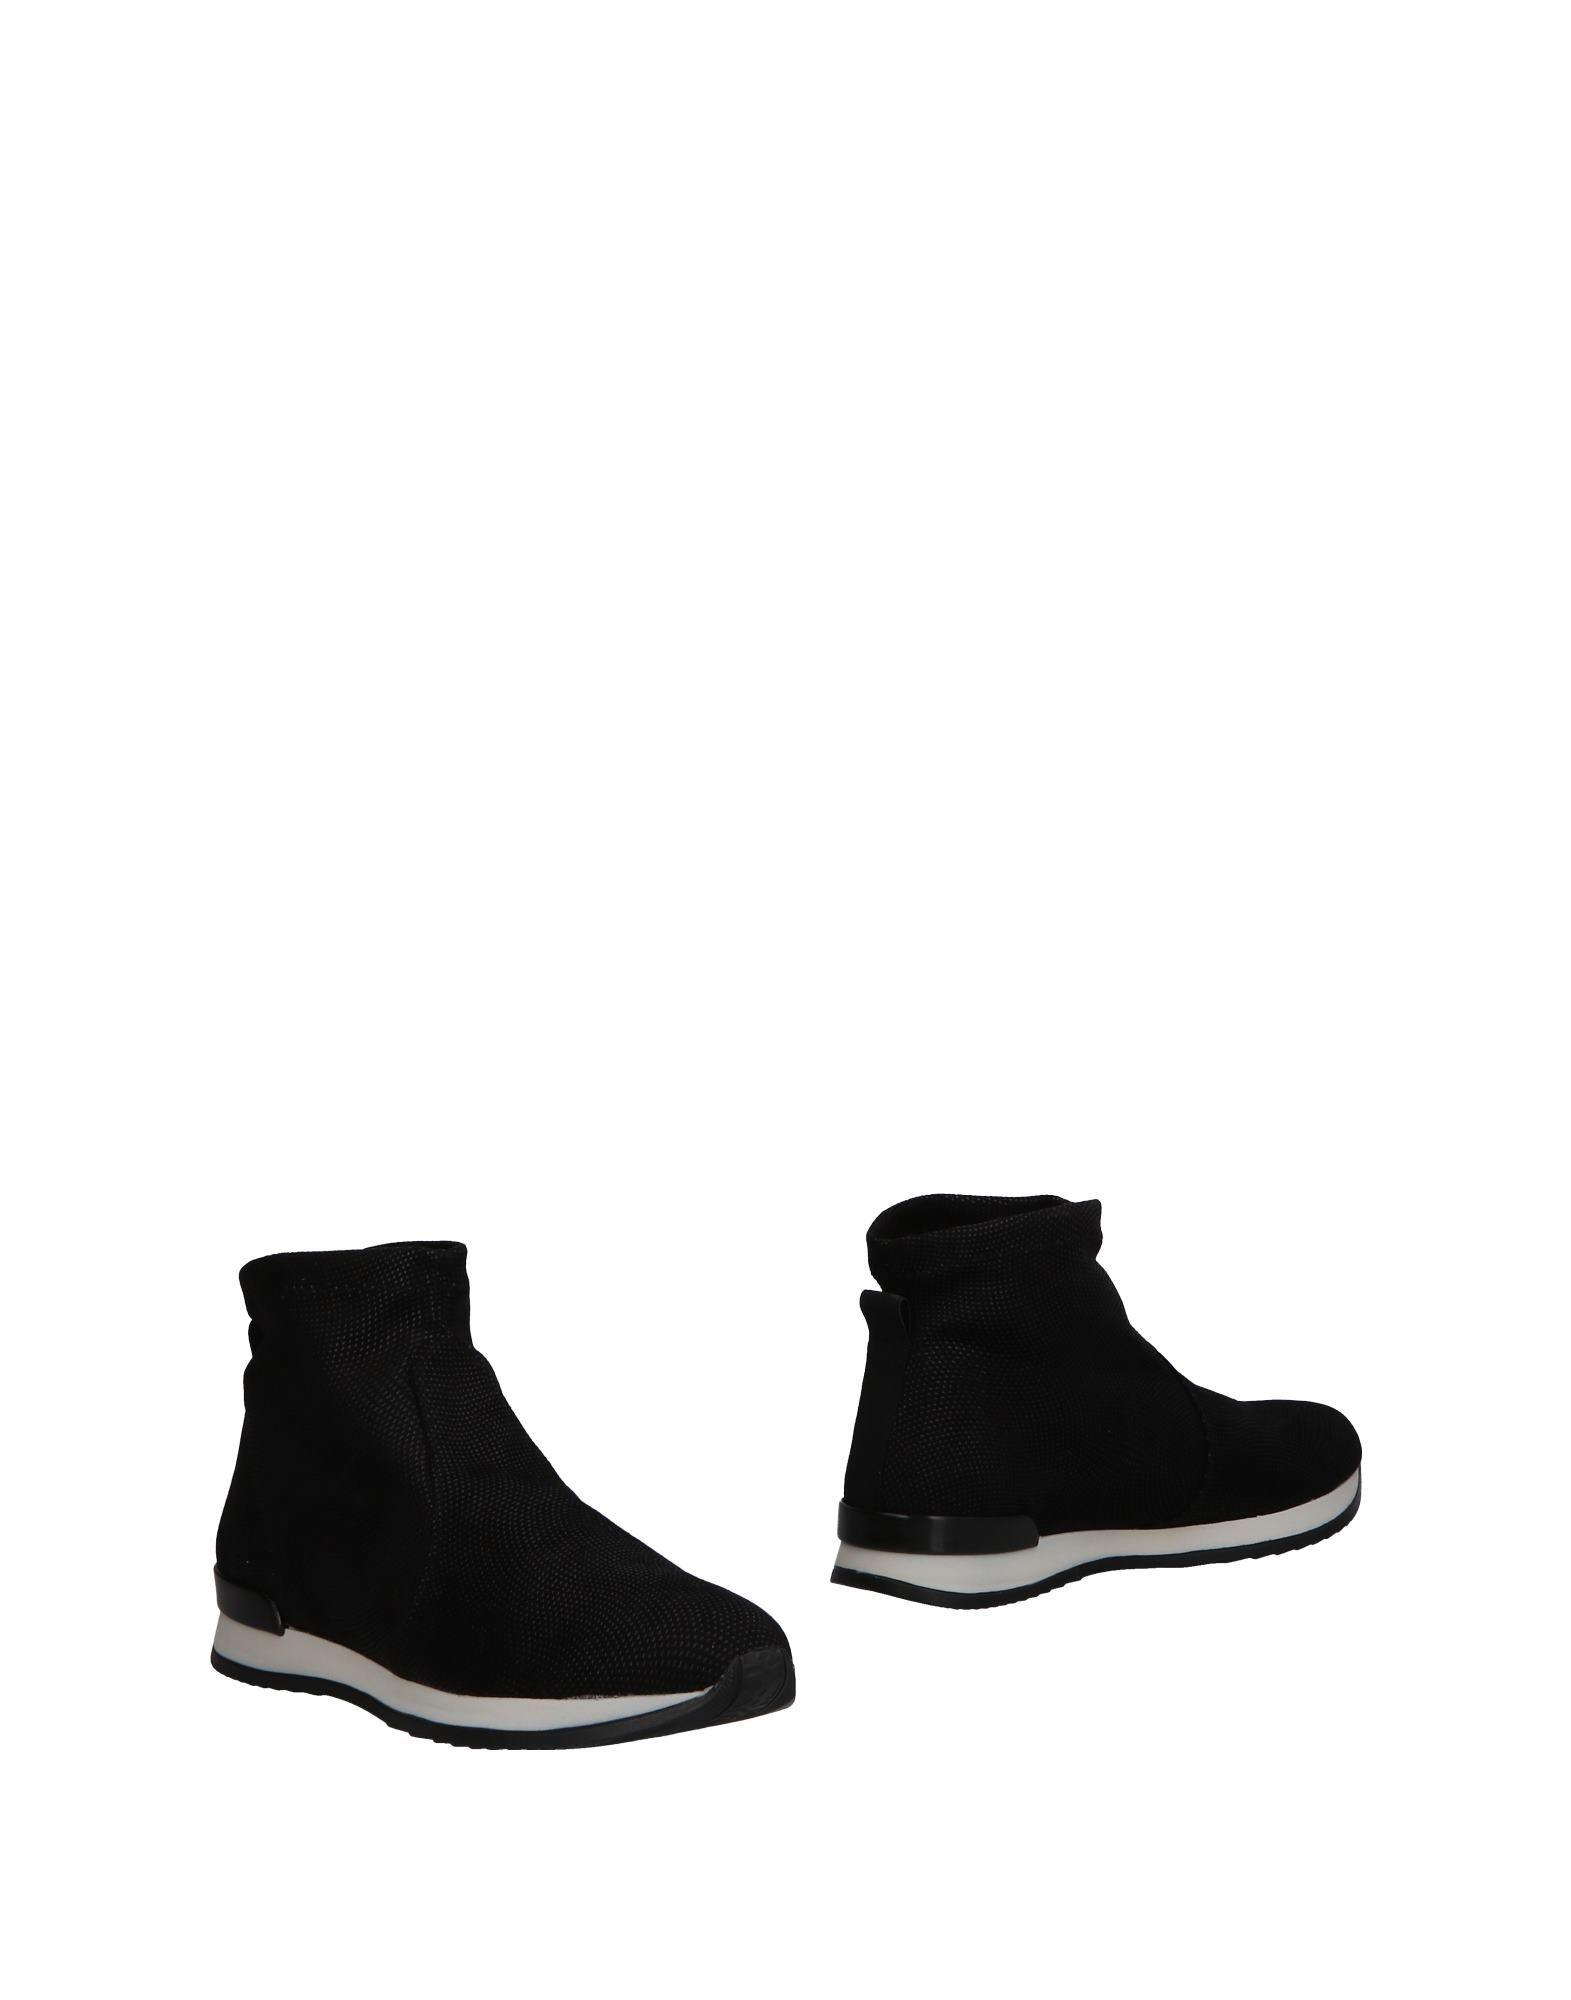 Gut um billige Schuhe zu  tragenNr Rapisardi Stiefelette Damen  zu 11504765MU 5122e7